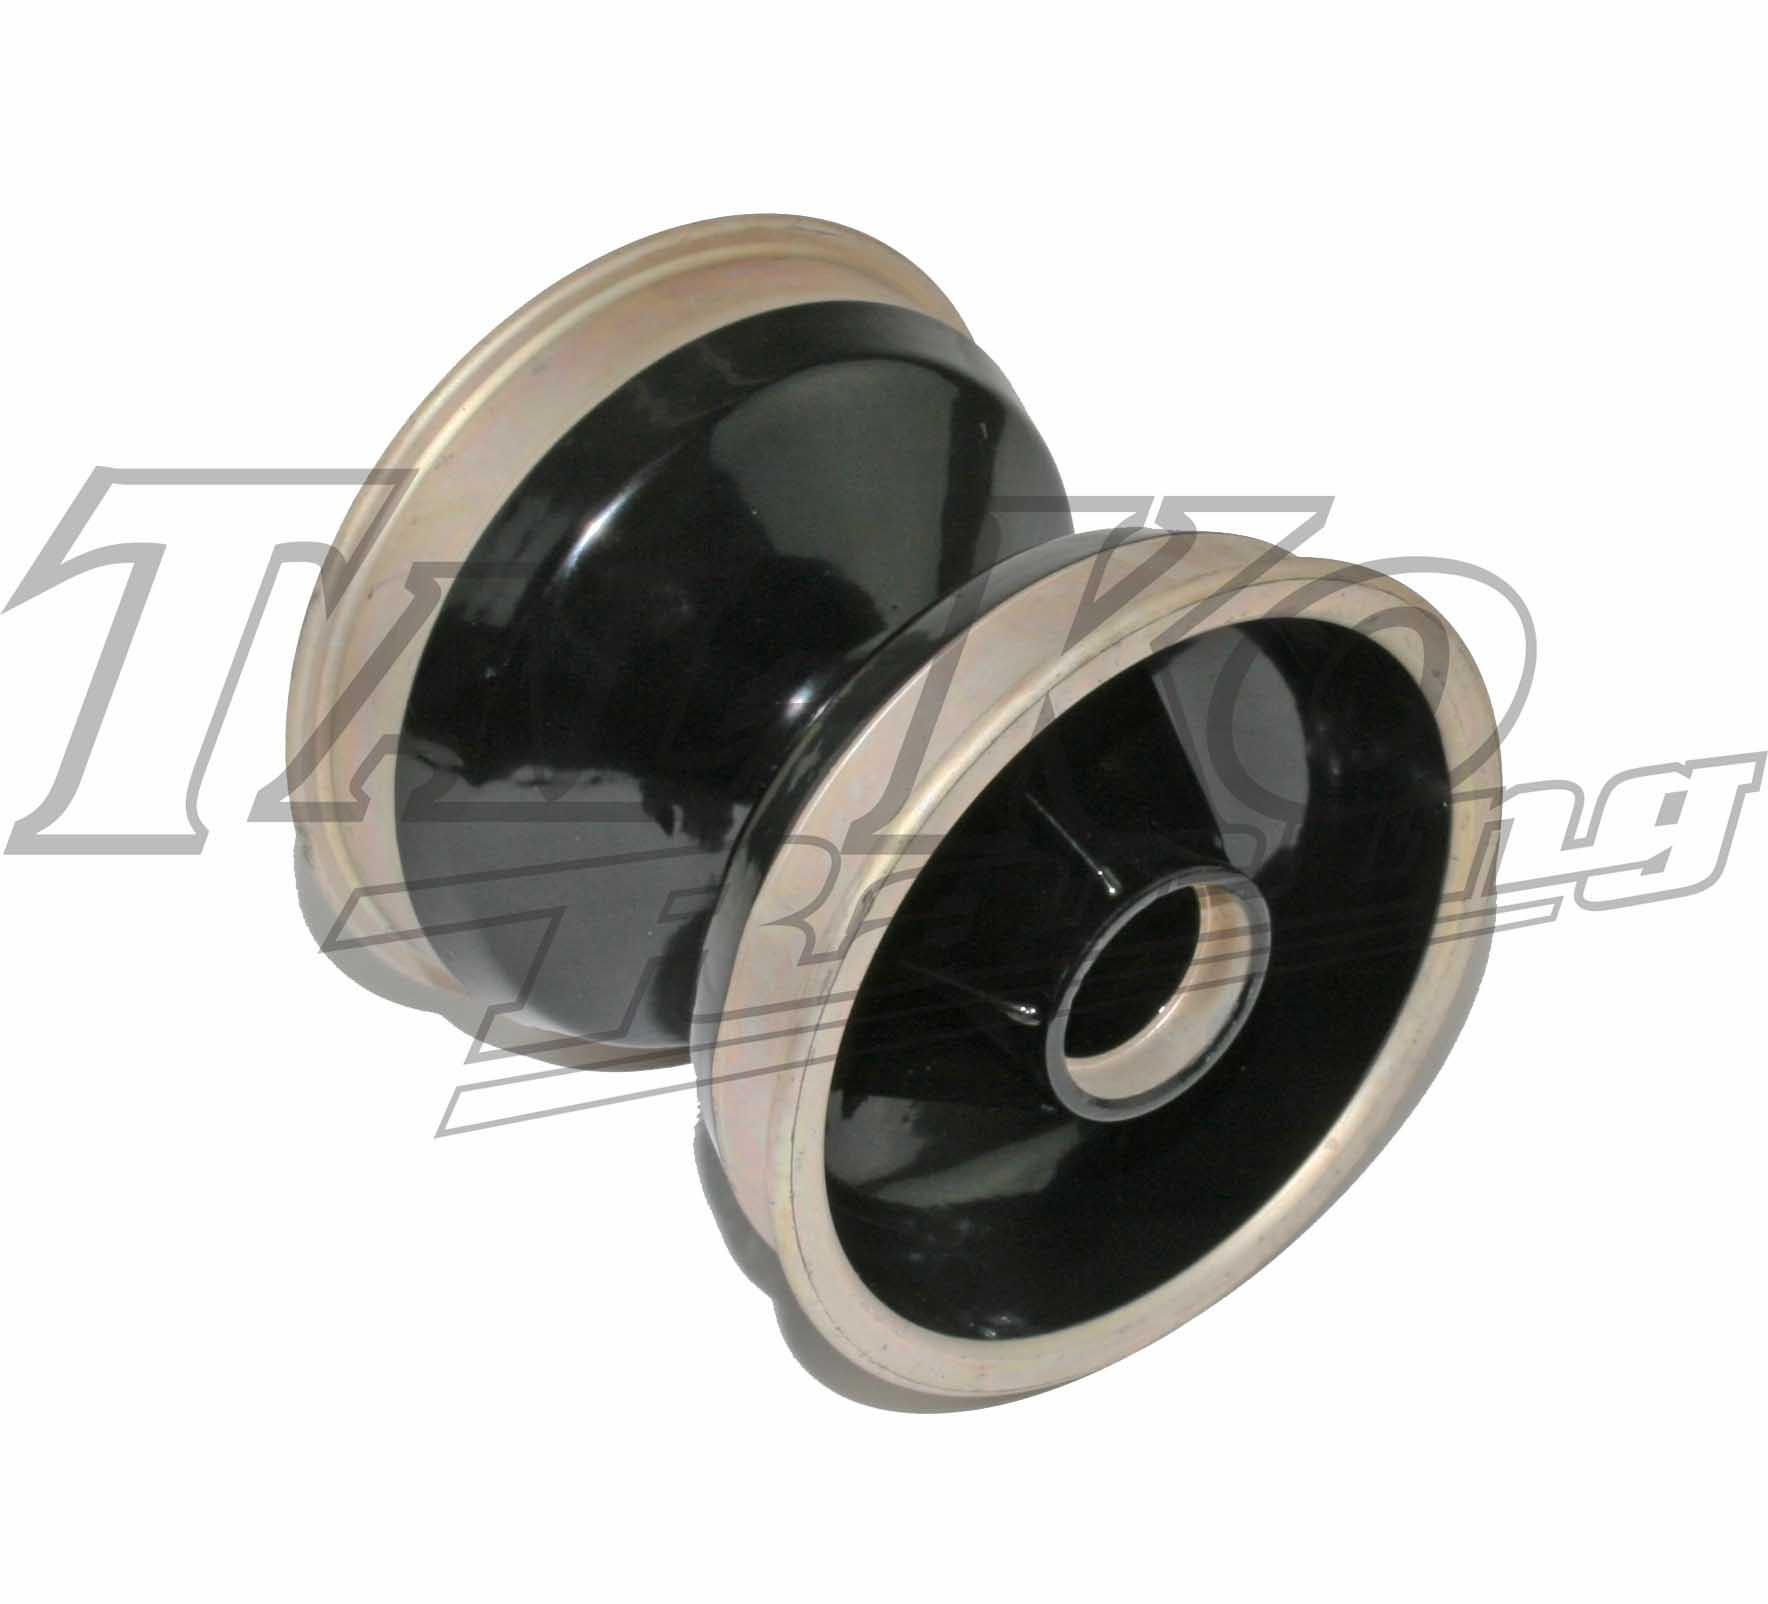 CRG FRONT WHEEL MAG F123-17mm GOLD/BLACK